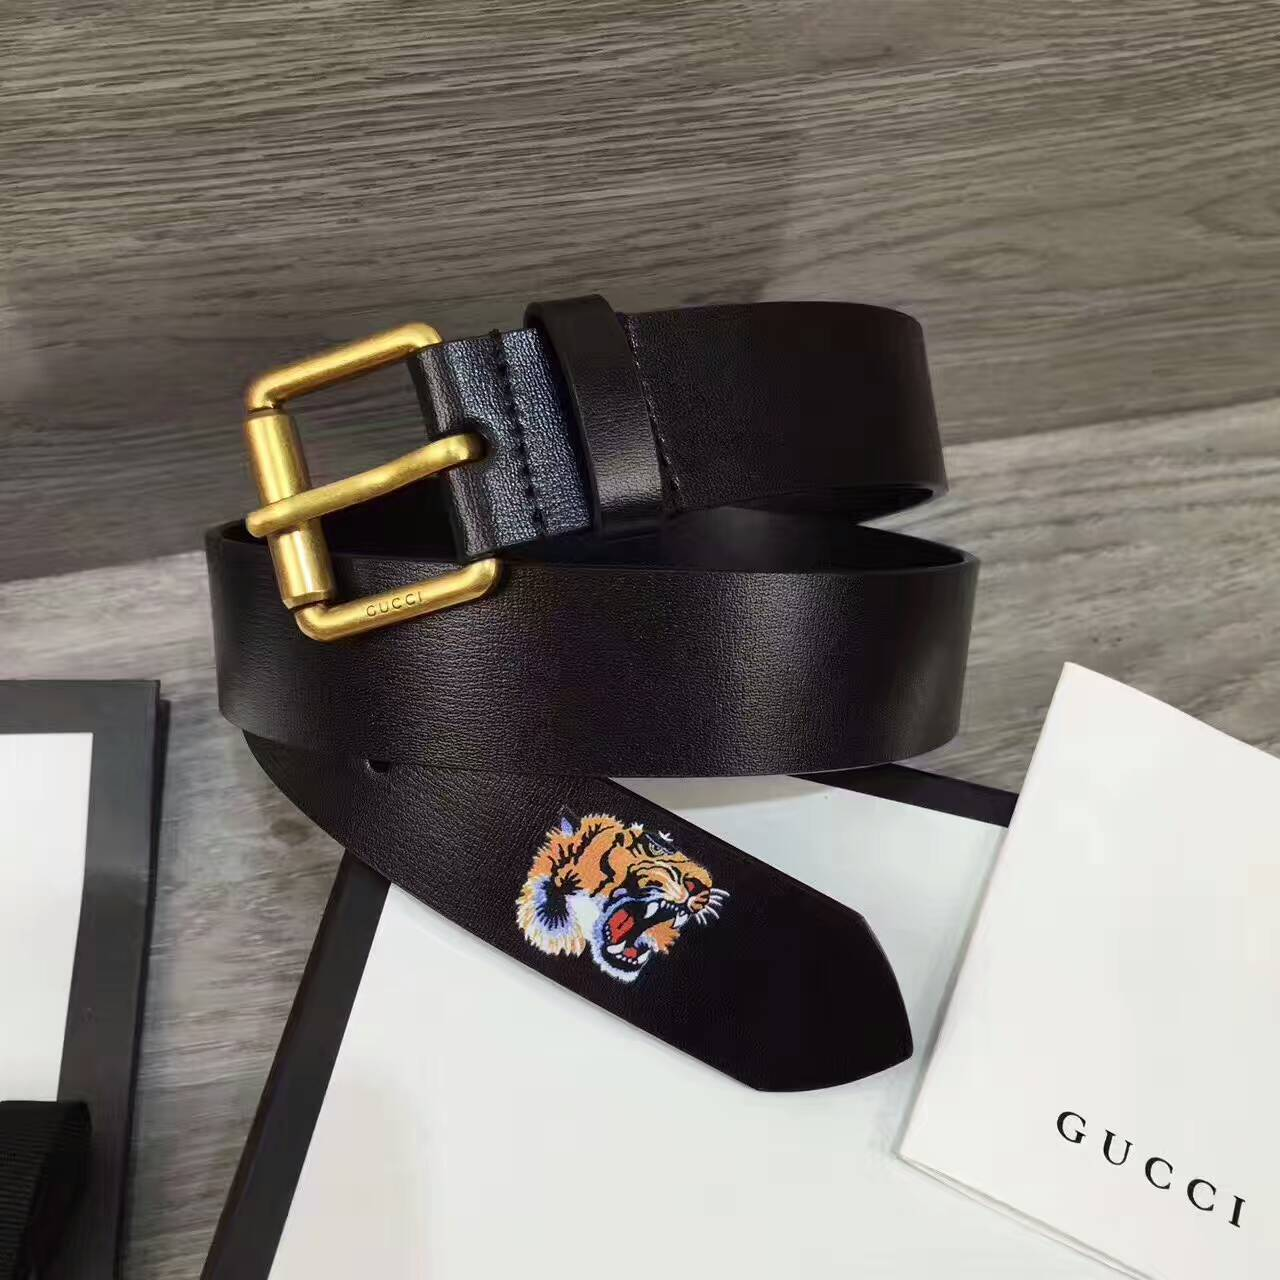 Thắt lưng Gucci hiện có bán tại Gucci chính hãng tại Hà Nội